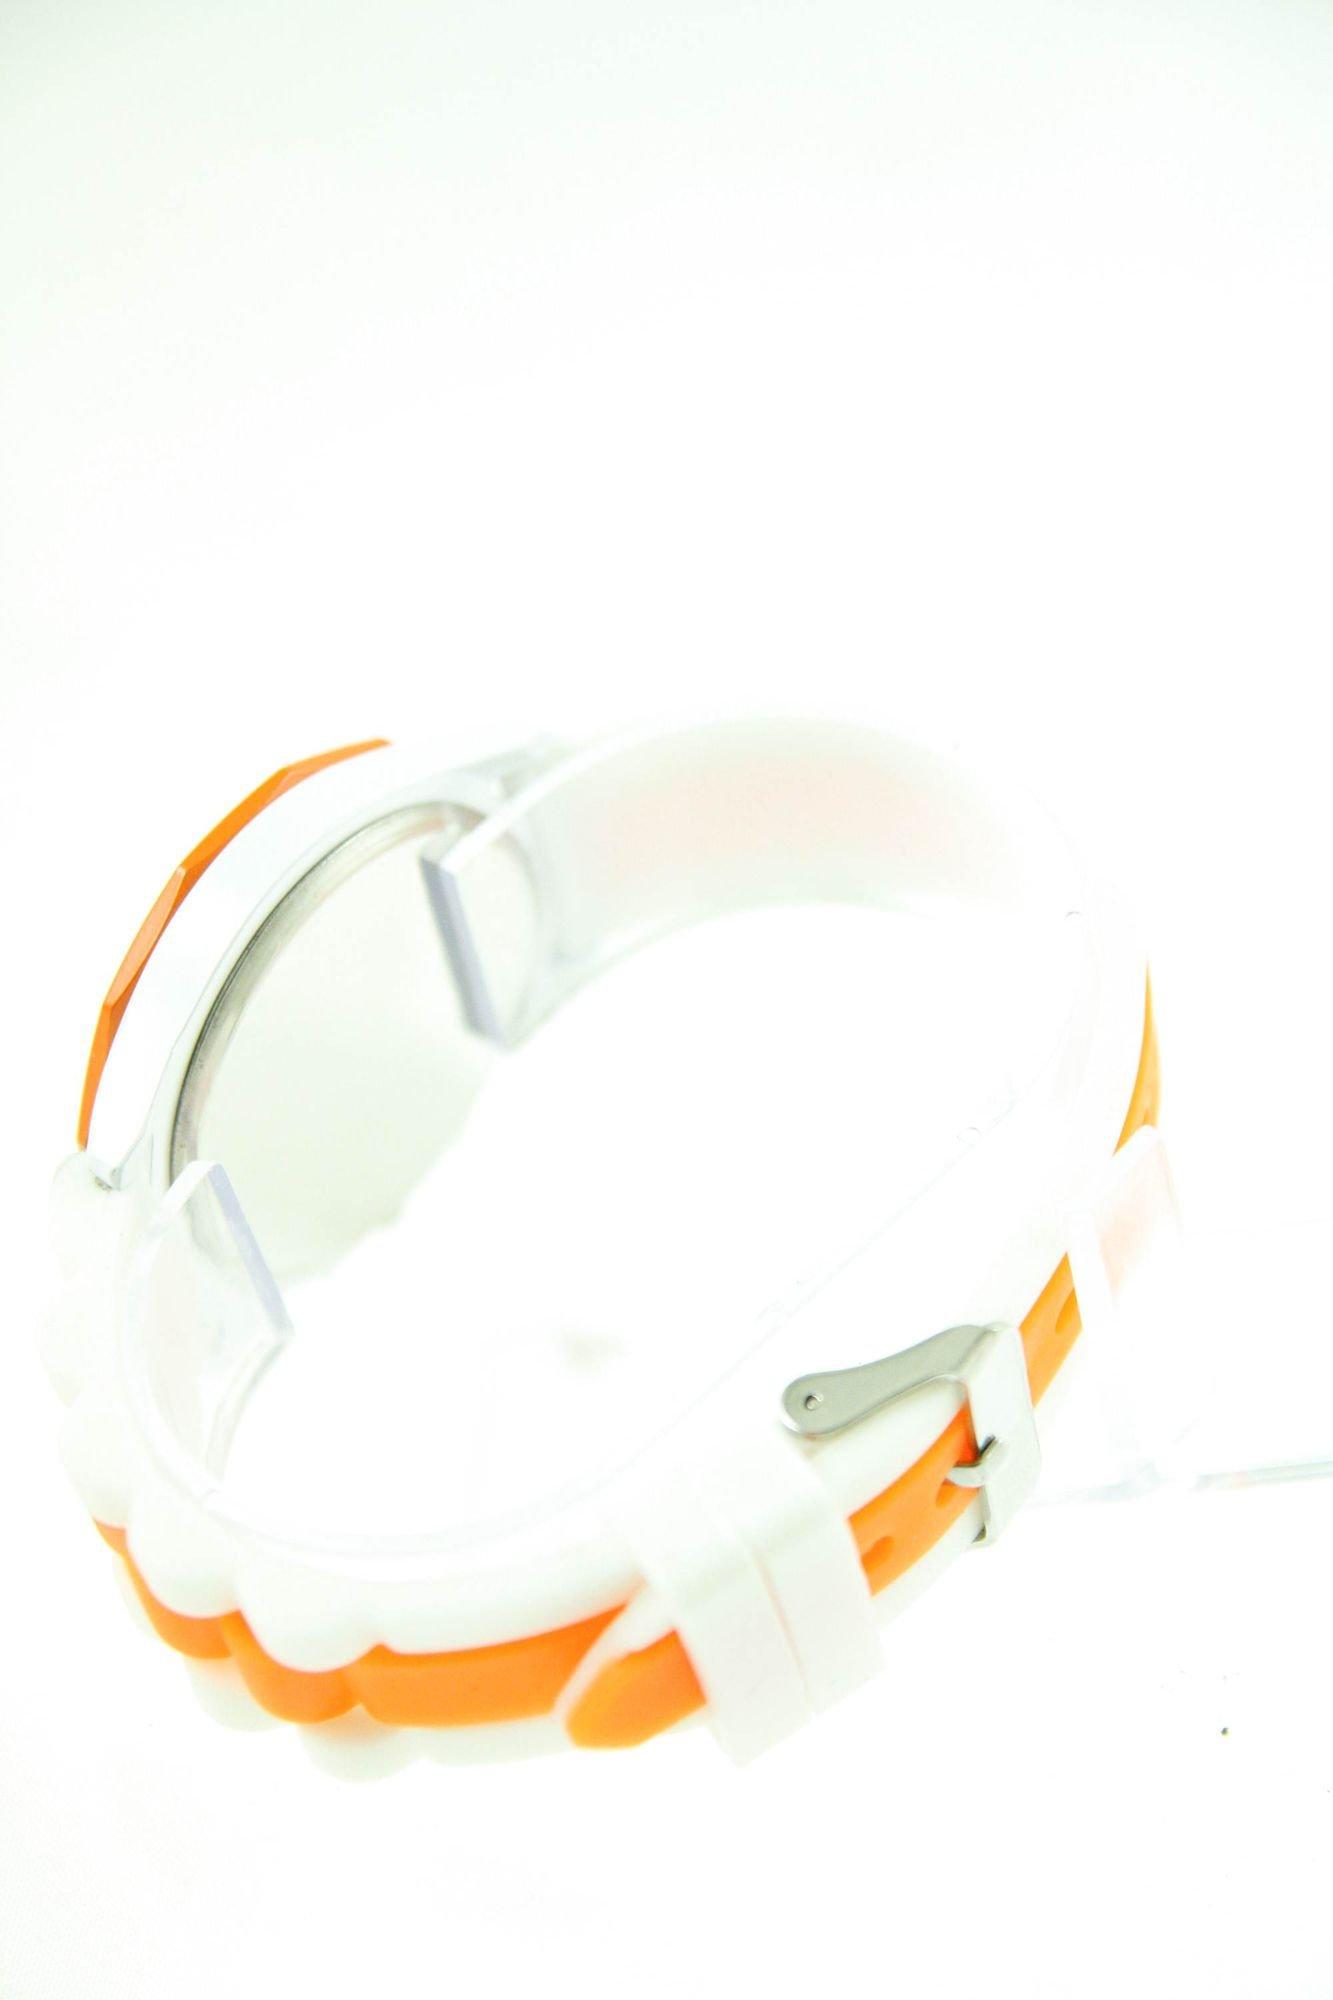 GENEVA Pomarańczowo-biały zegarek damski na silikonowym pasku                                   zdj.                                  3